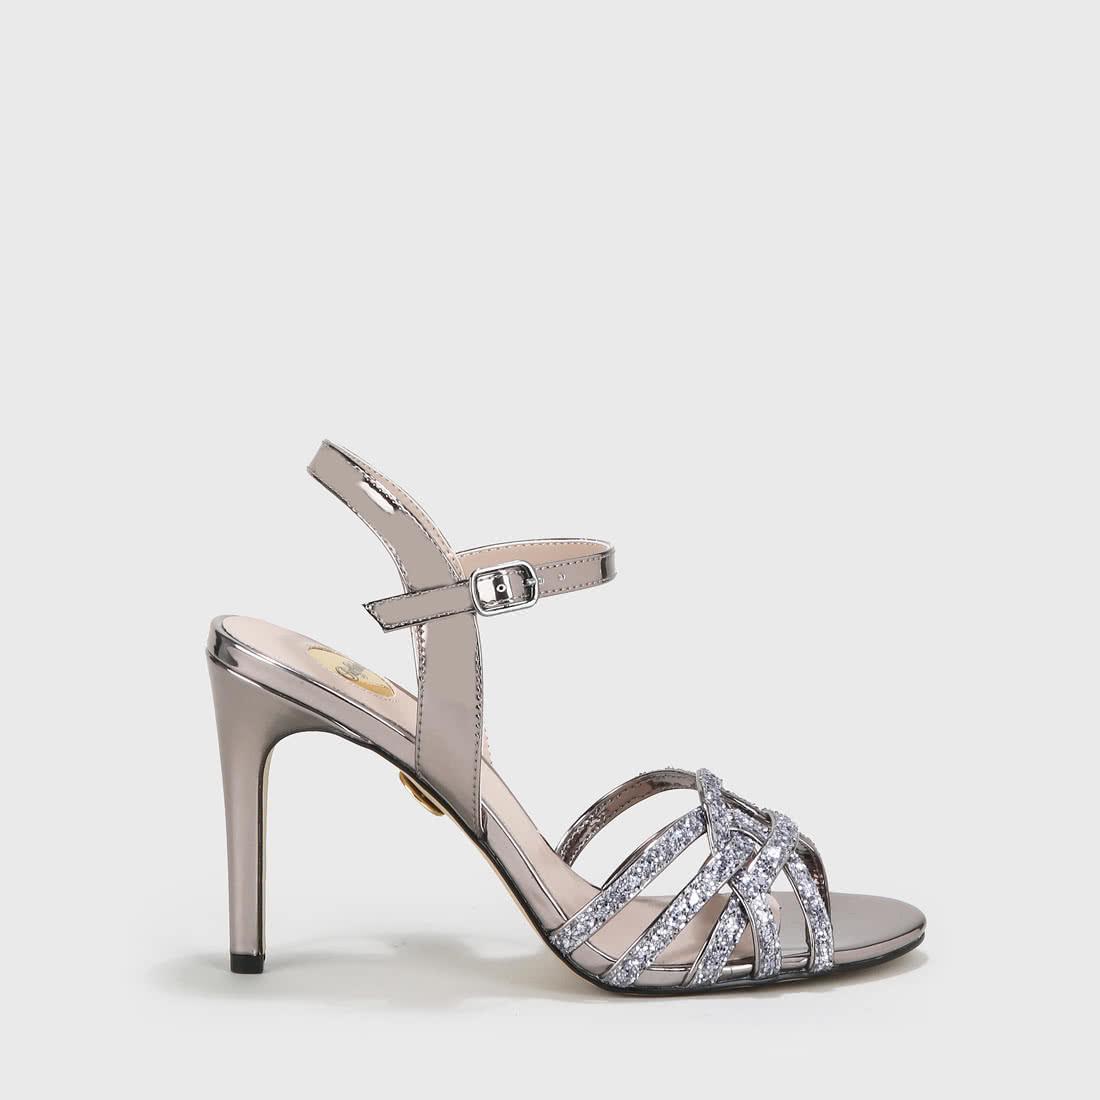 Afterglow Sandalette metallic zinnfarben